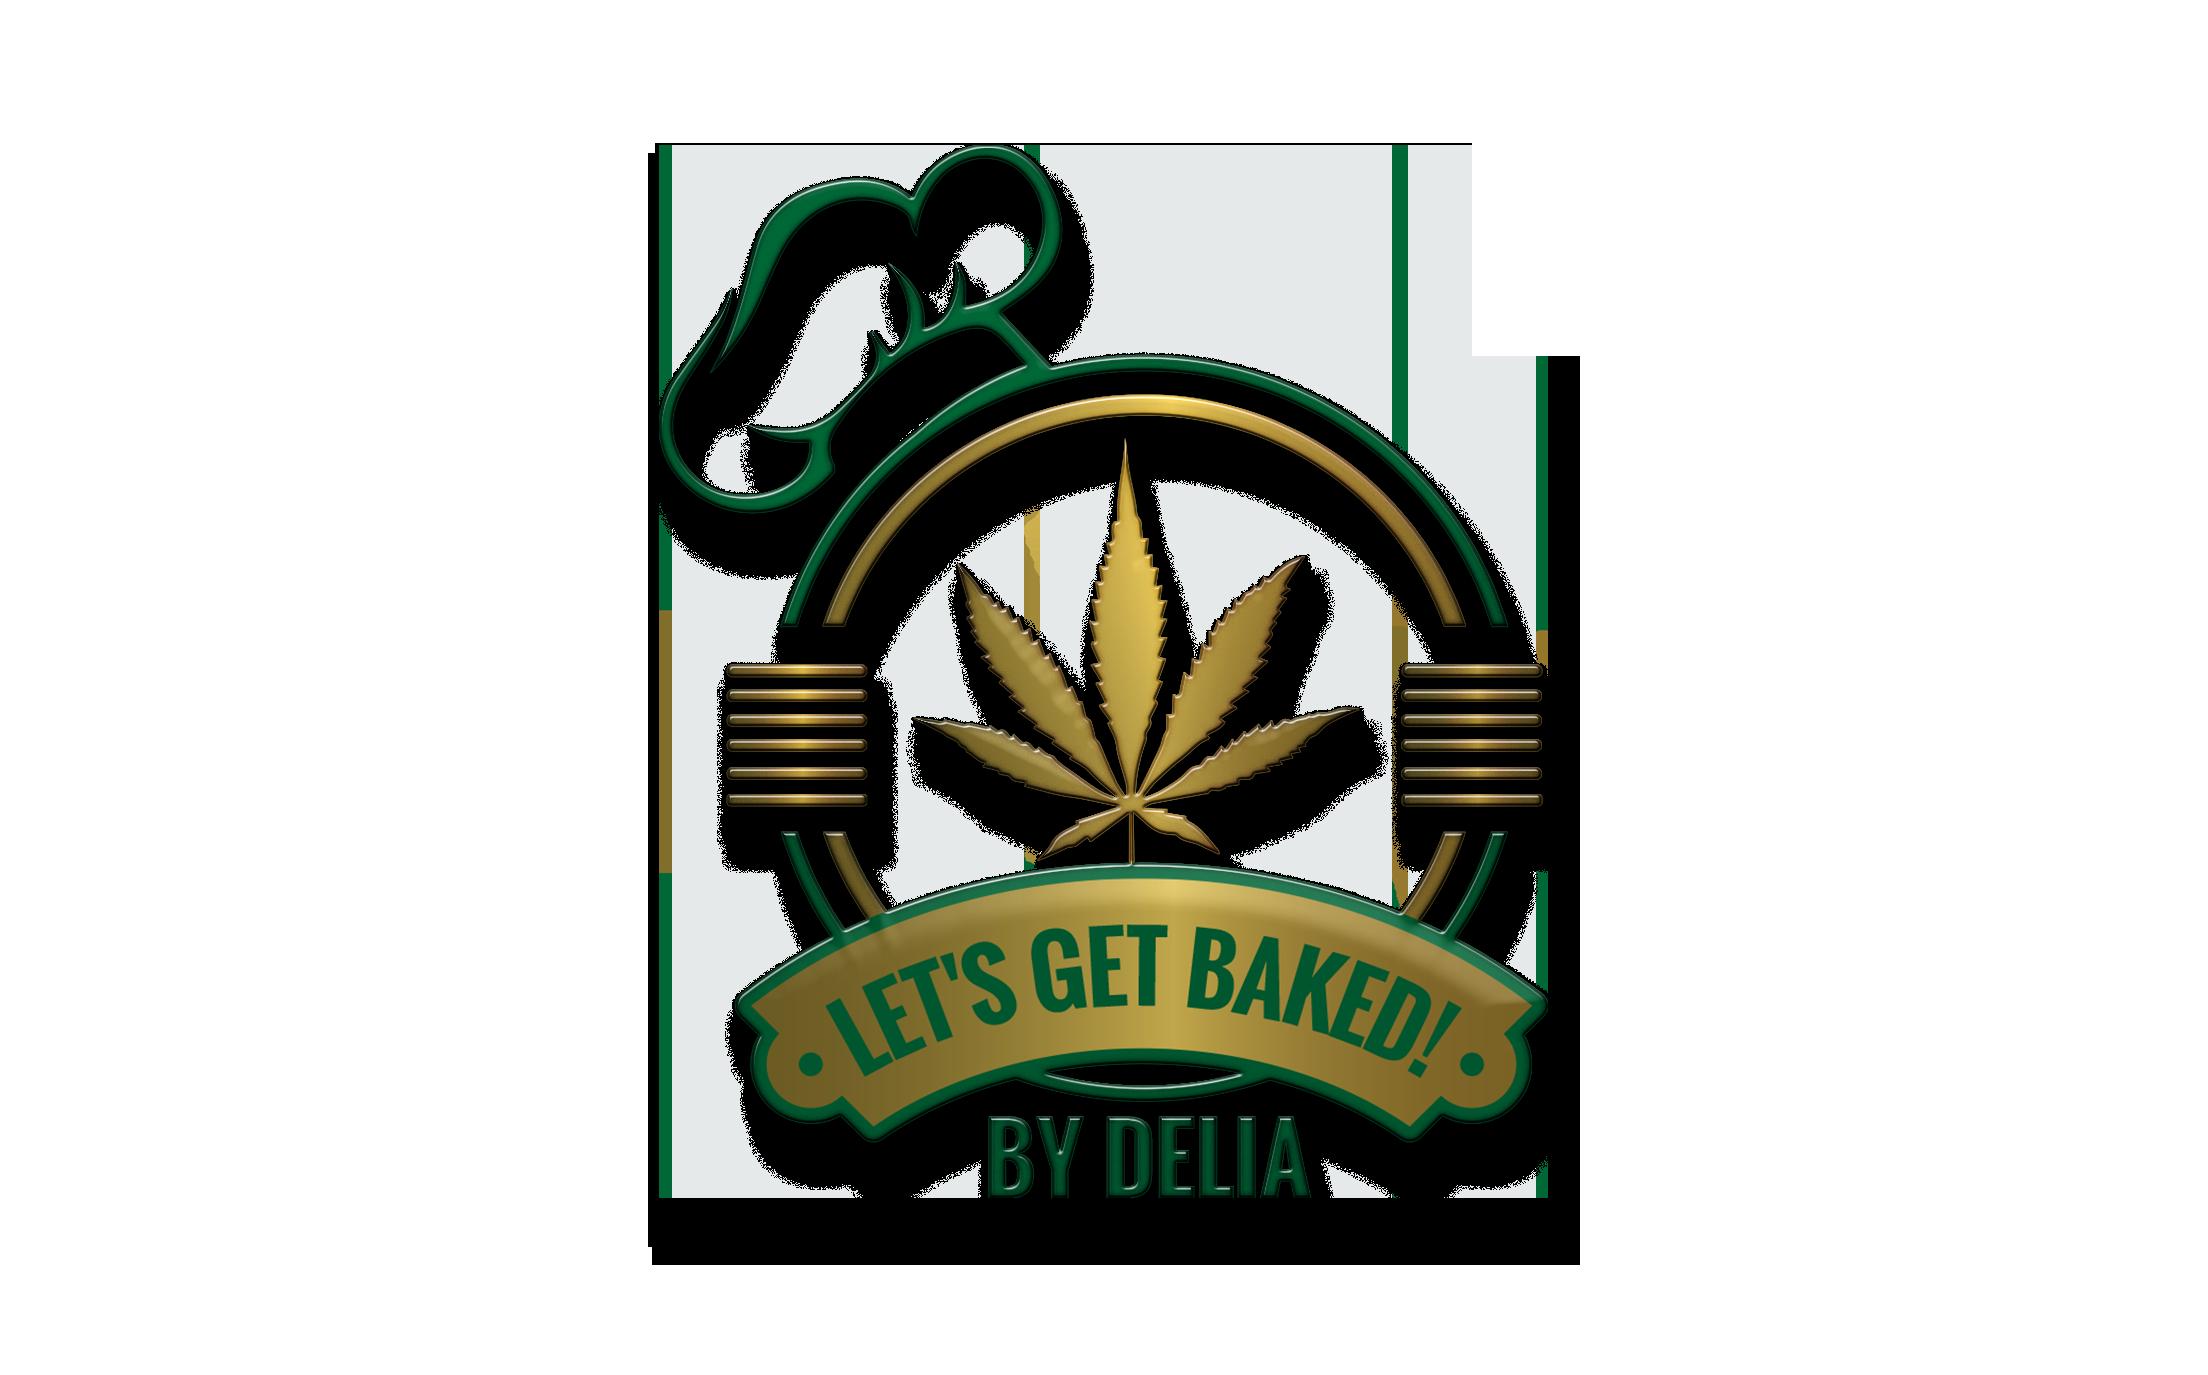 Lets get Baked